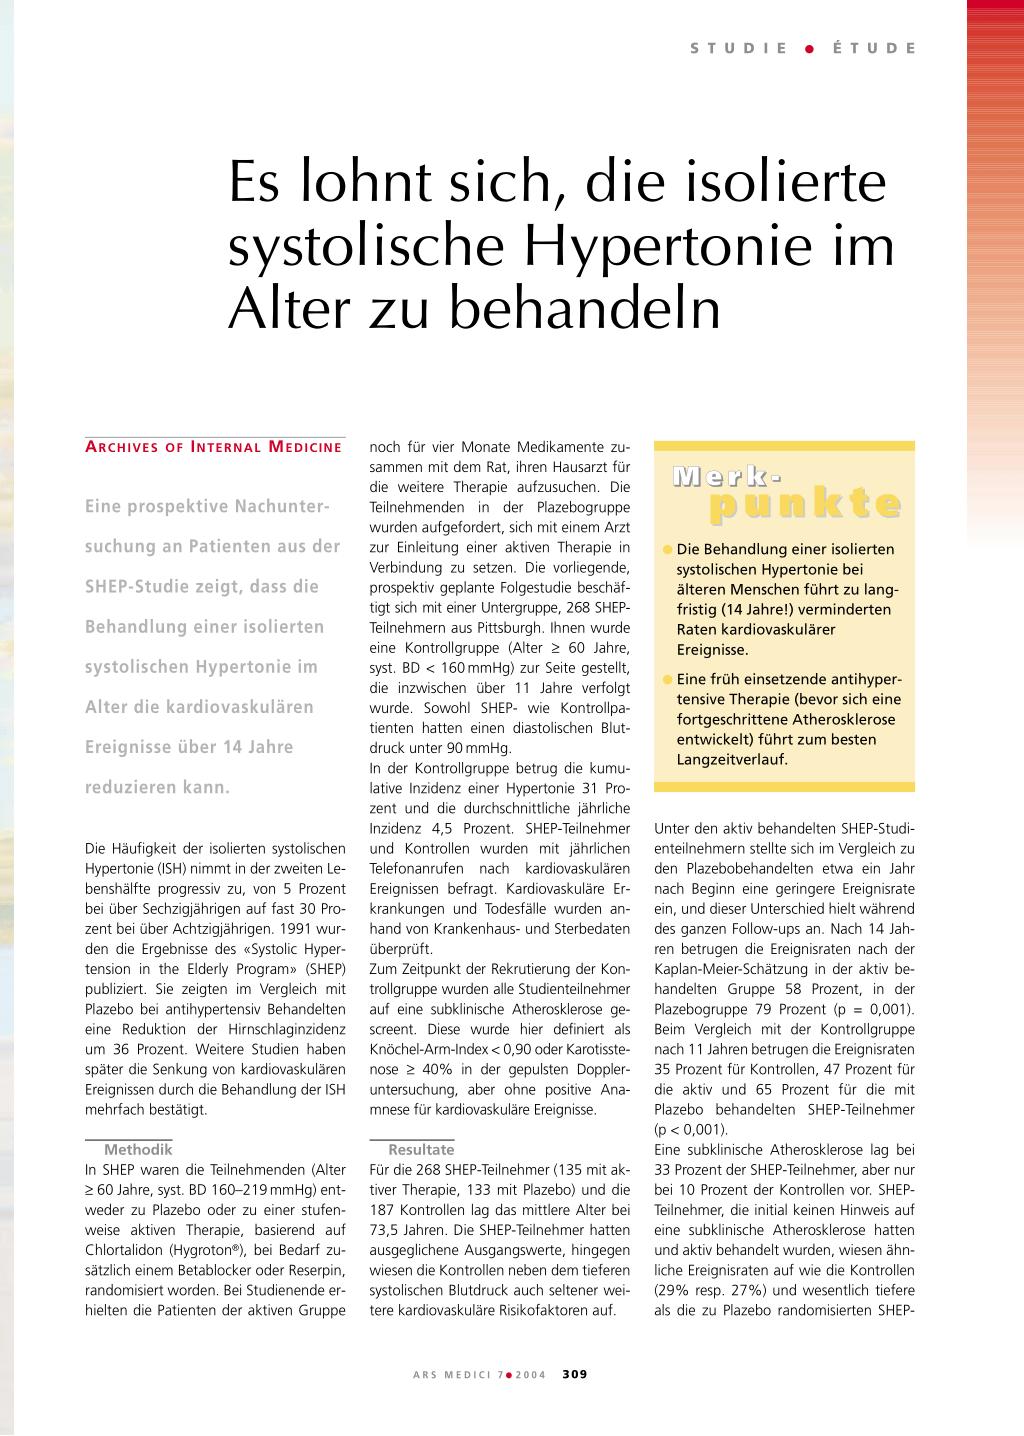 Es lohnt sich, die isolierte systolische Hypertonie im..